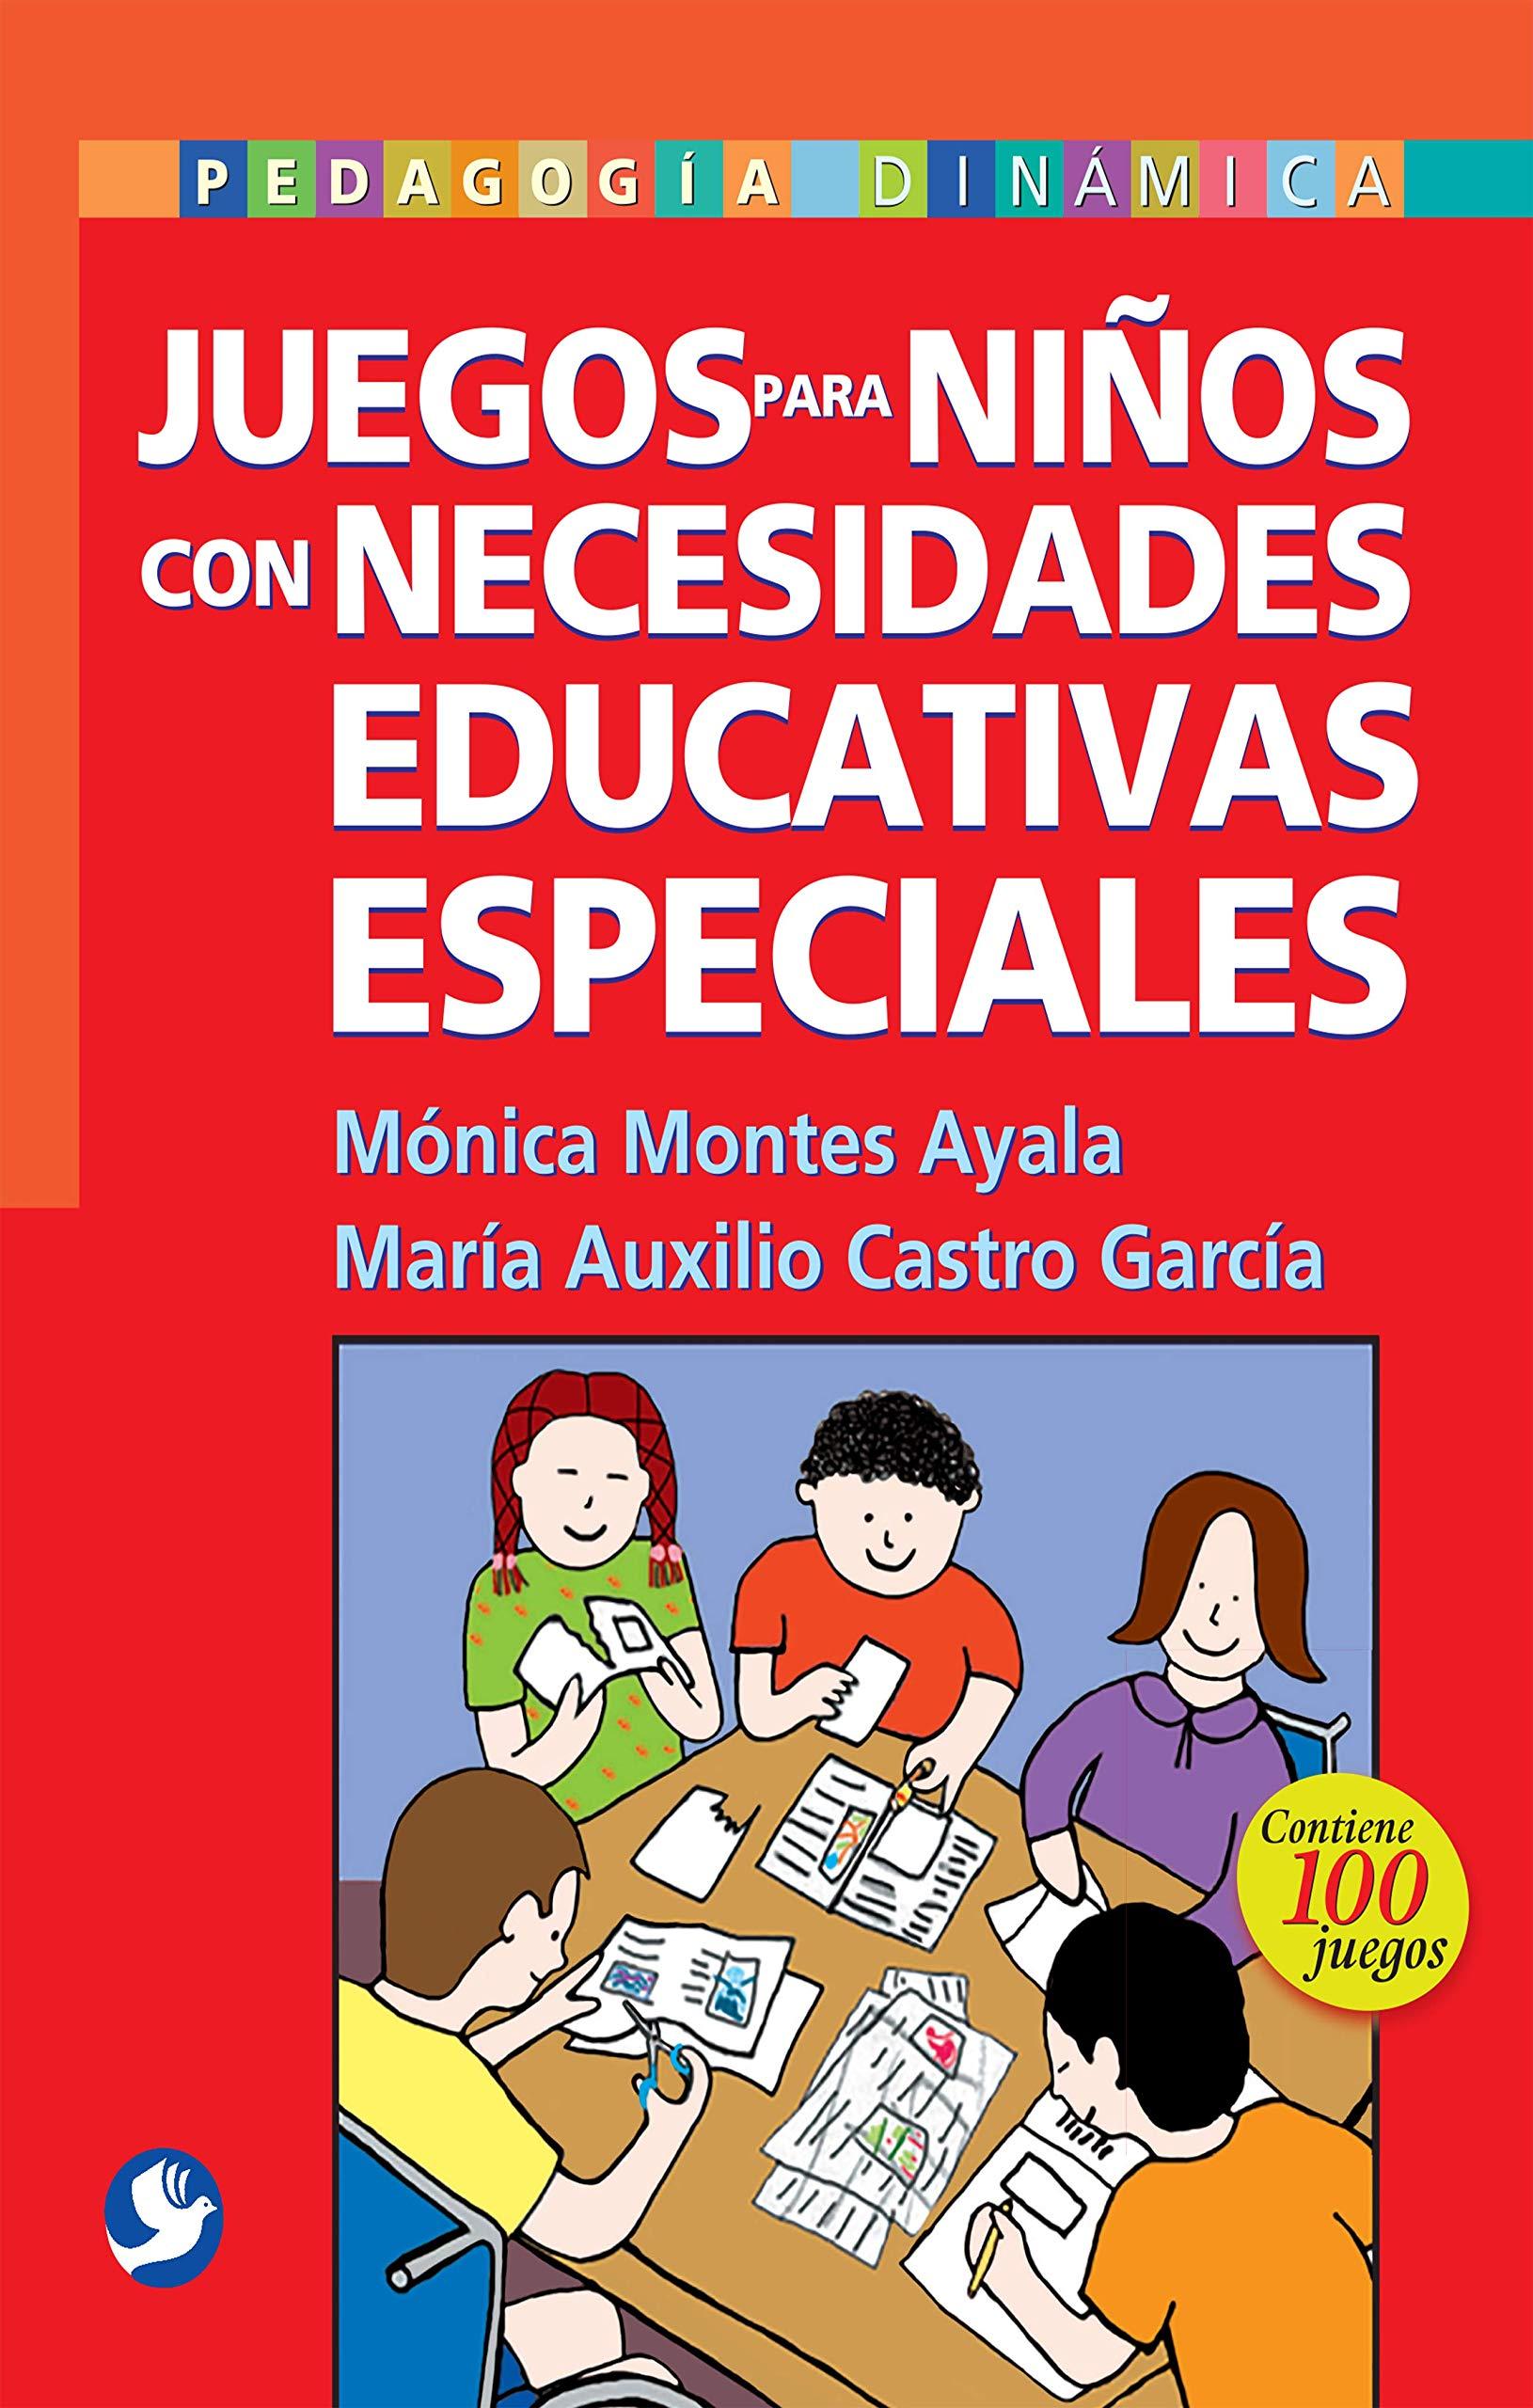 Juegos Para Ninos Con Necesidades Educativas Especiales Pedagogia